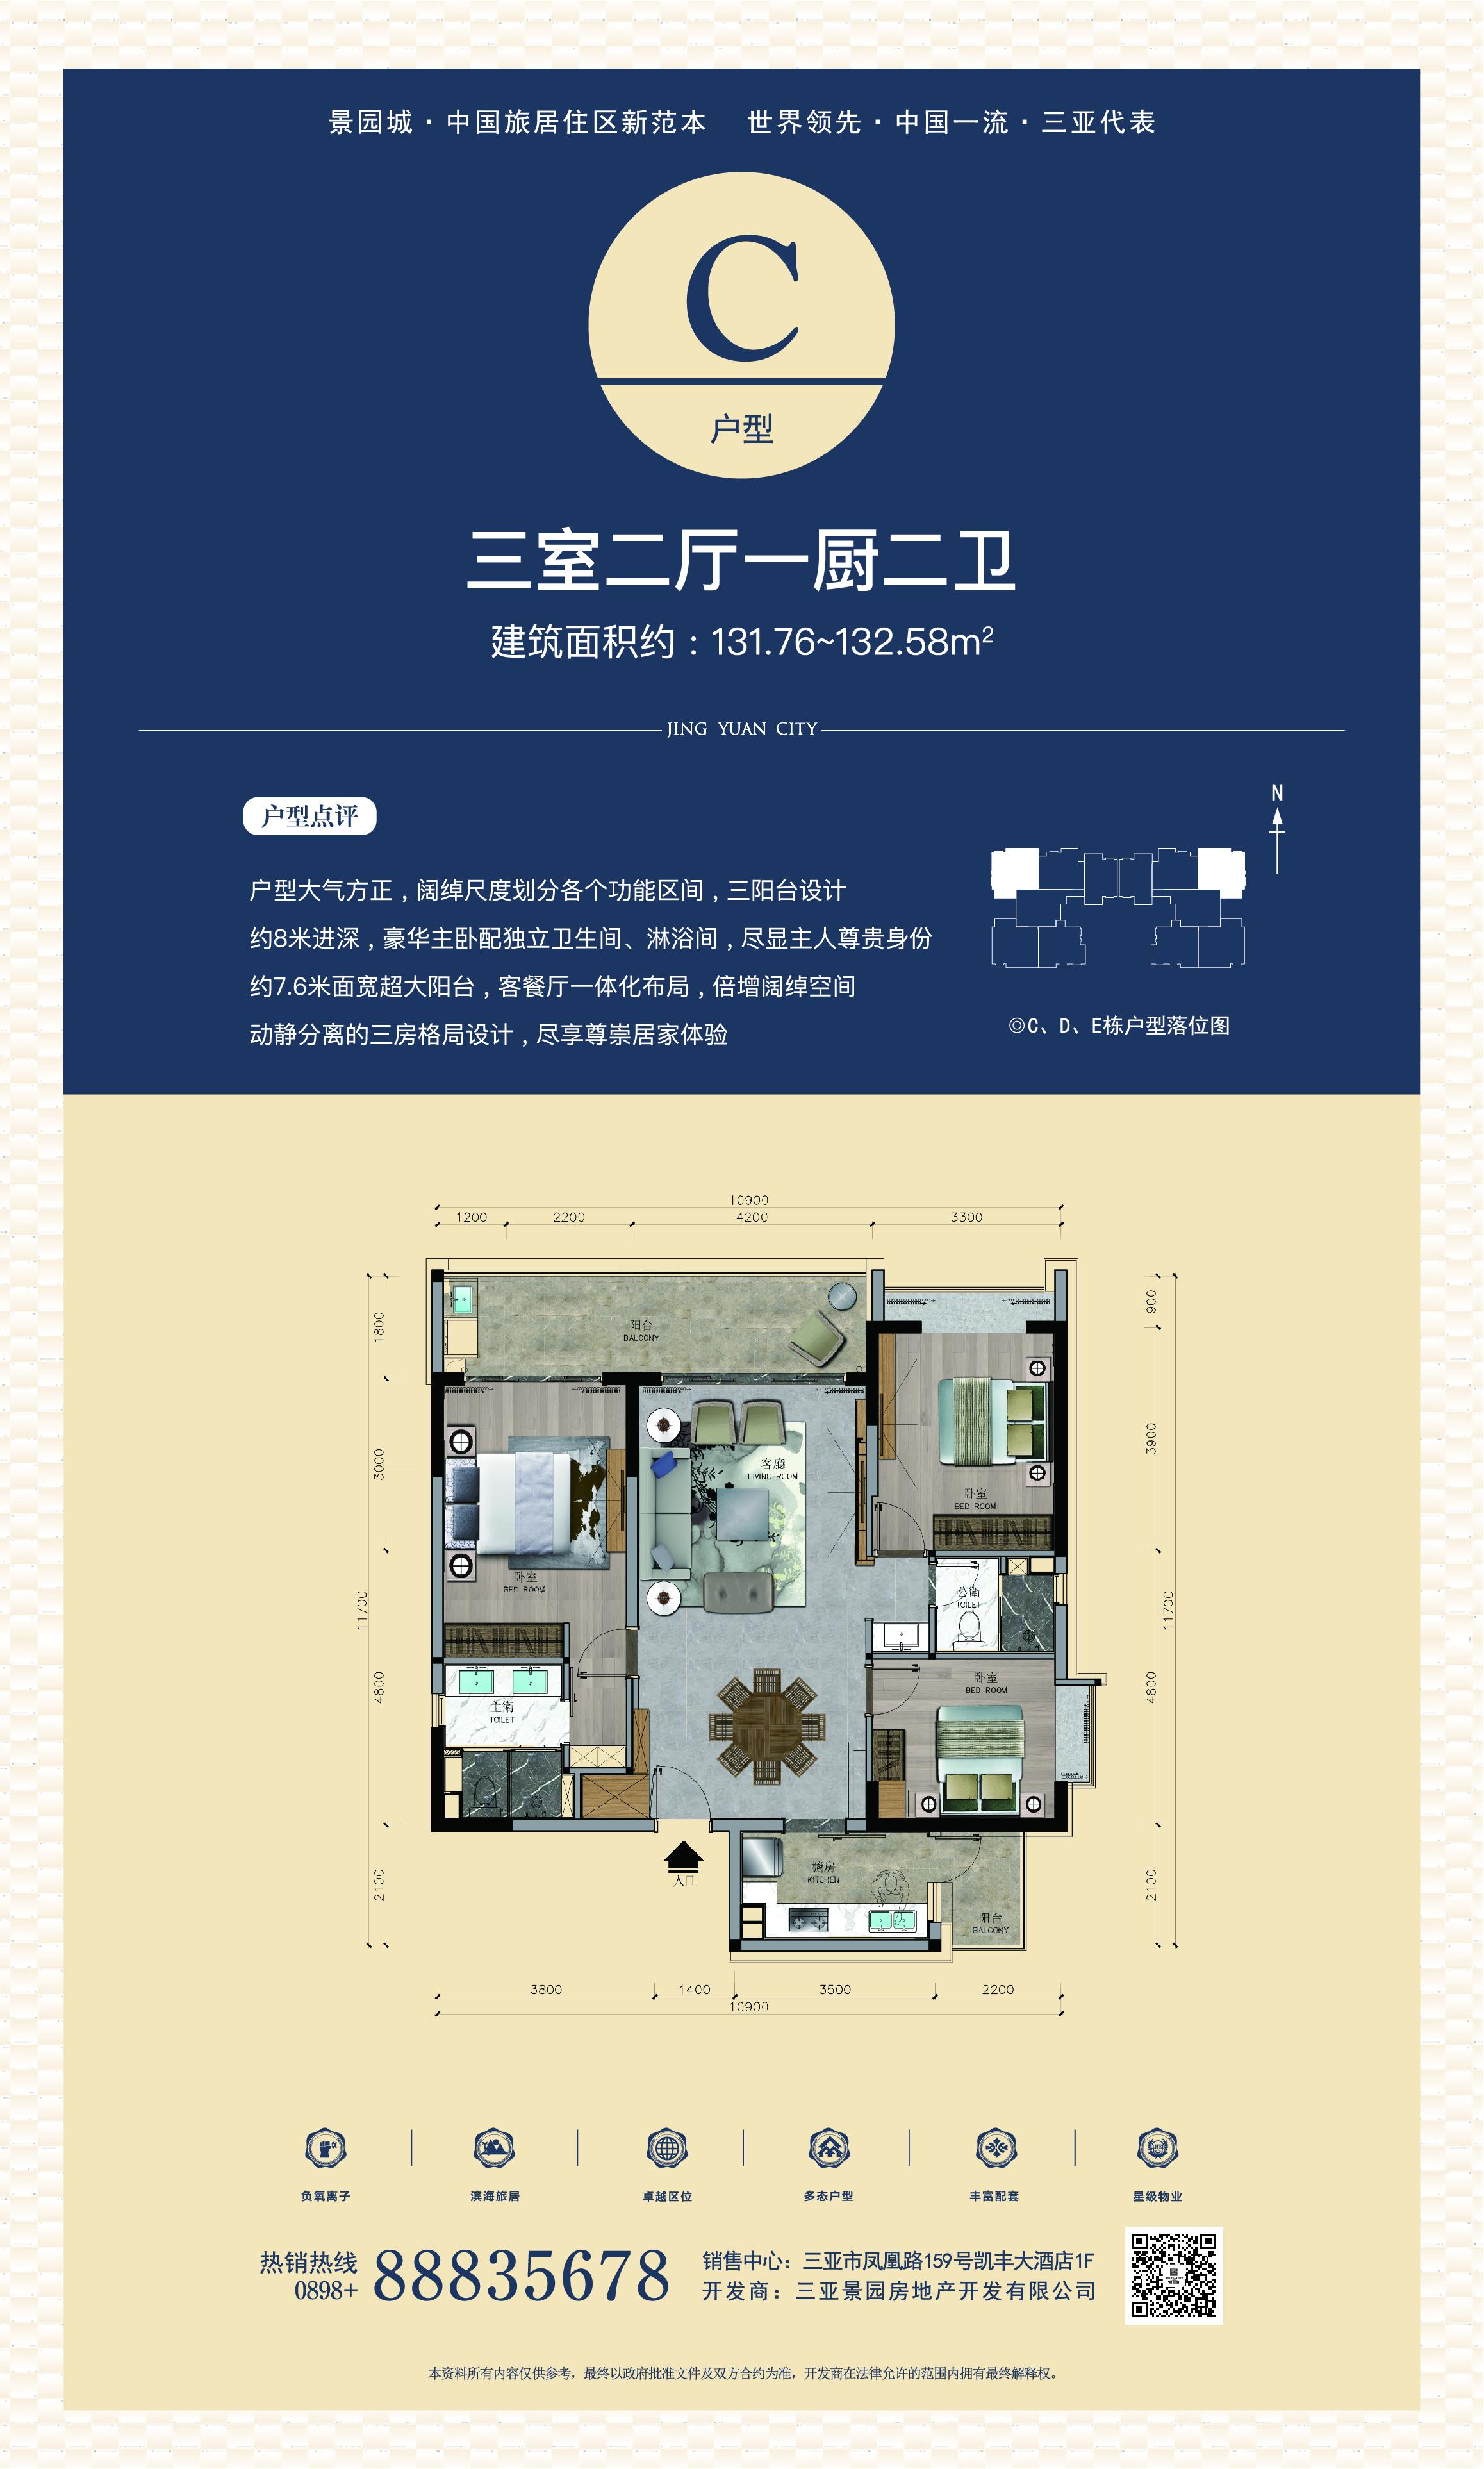 三亚景园城 C户型3室2厅2卫 建面131.76㎡